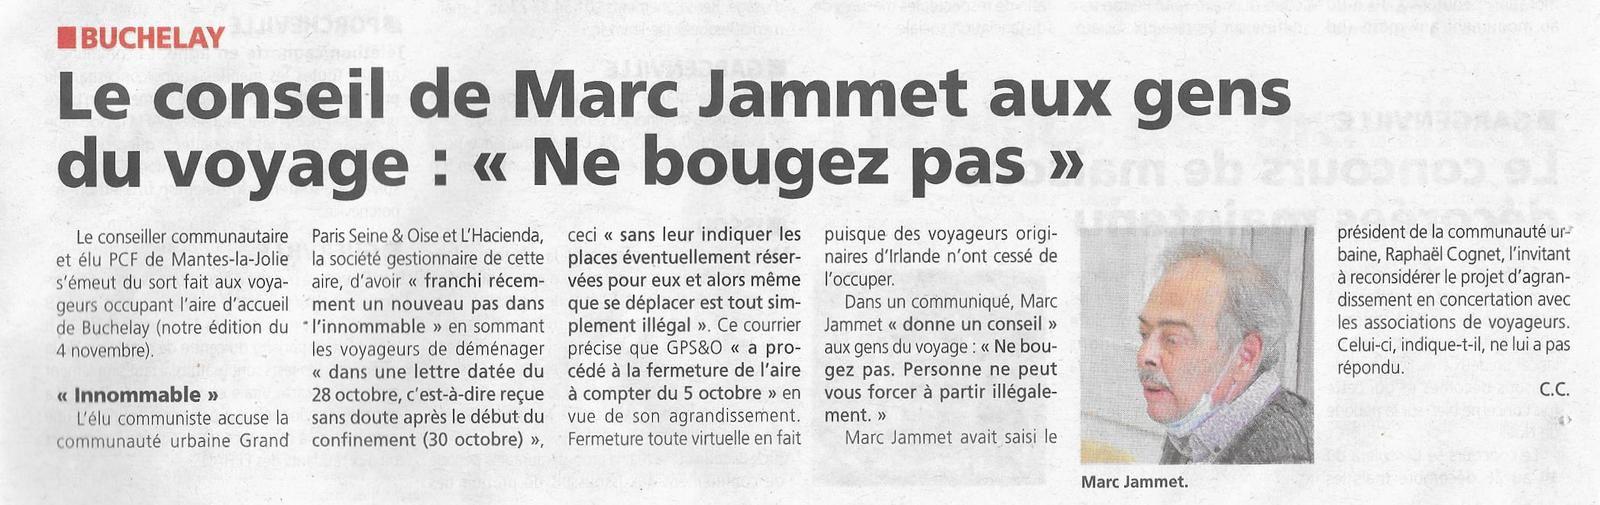 """Le Courrier de Mantes. Le conseil de Marc Jammet aux gens du voyage: """"ne bougez pas""""."""